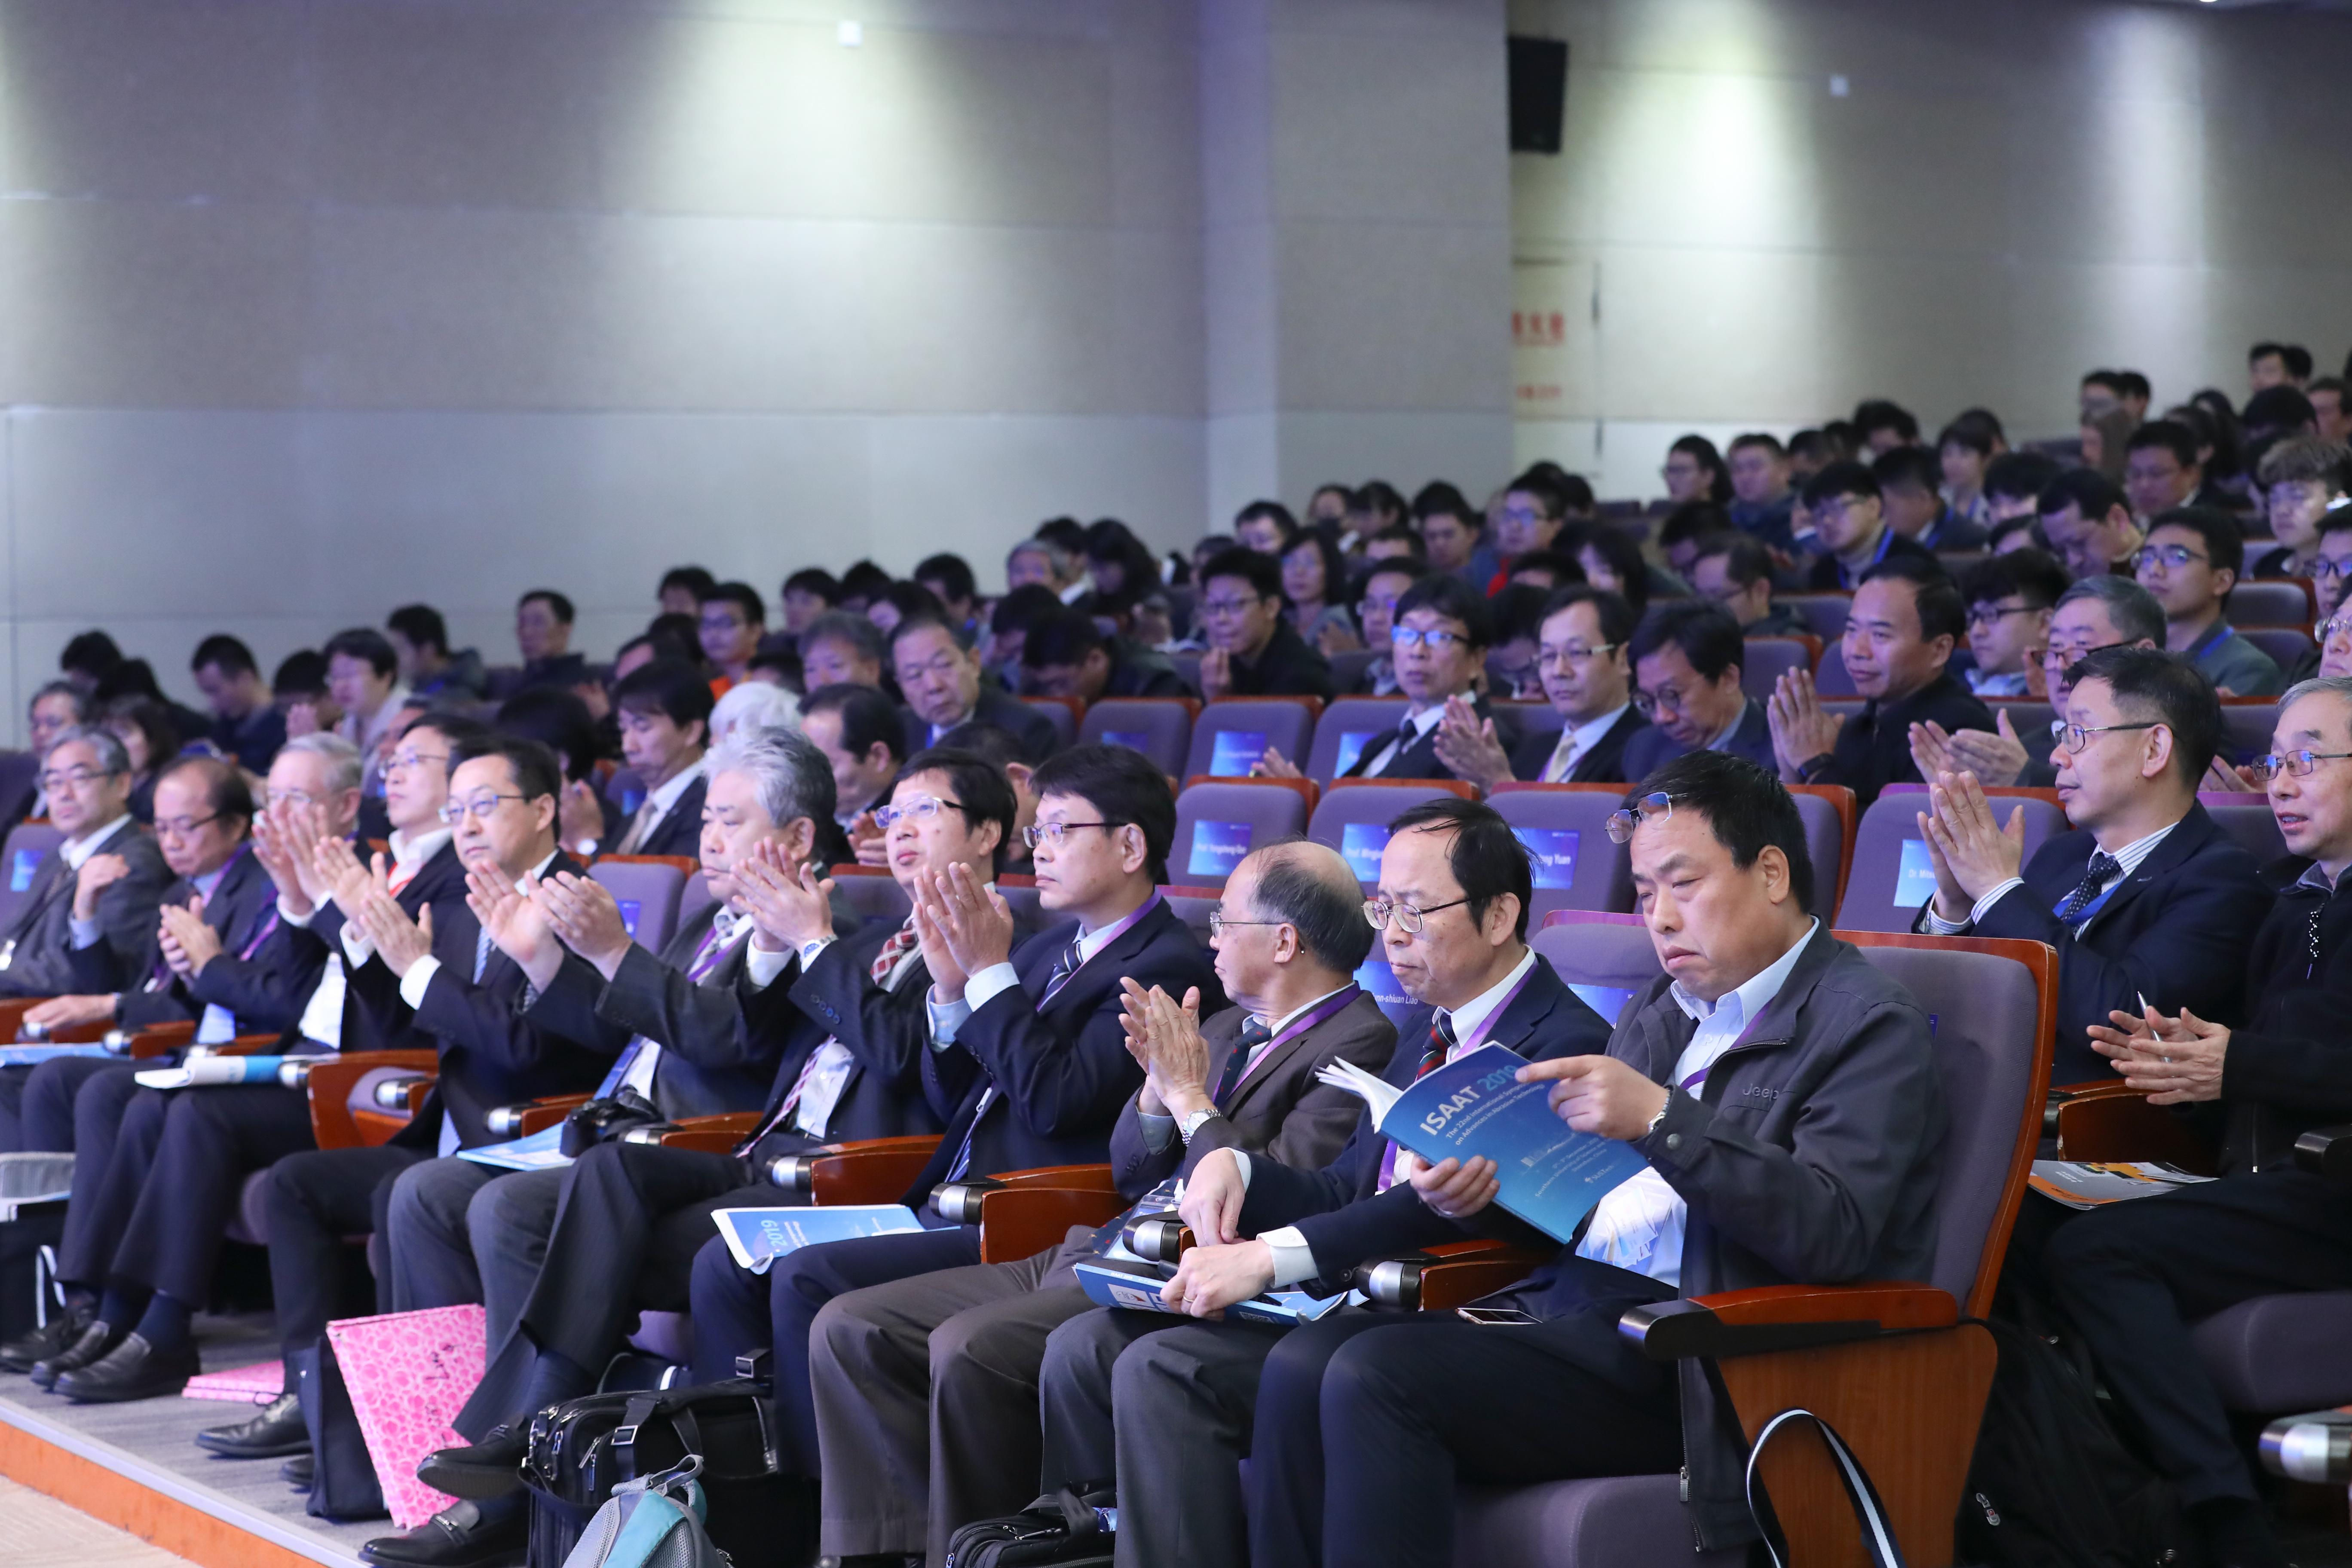 第二十届中国磨粒技术学术会议与第二十二届先进磨粒技术国际会议在我校召开